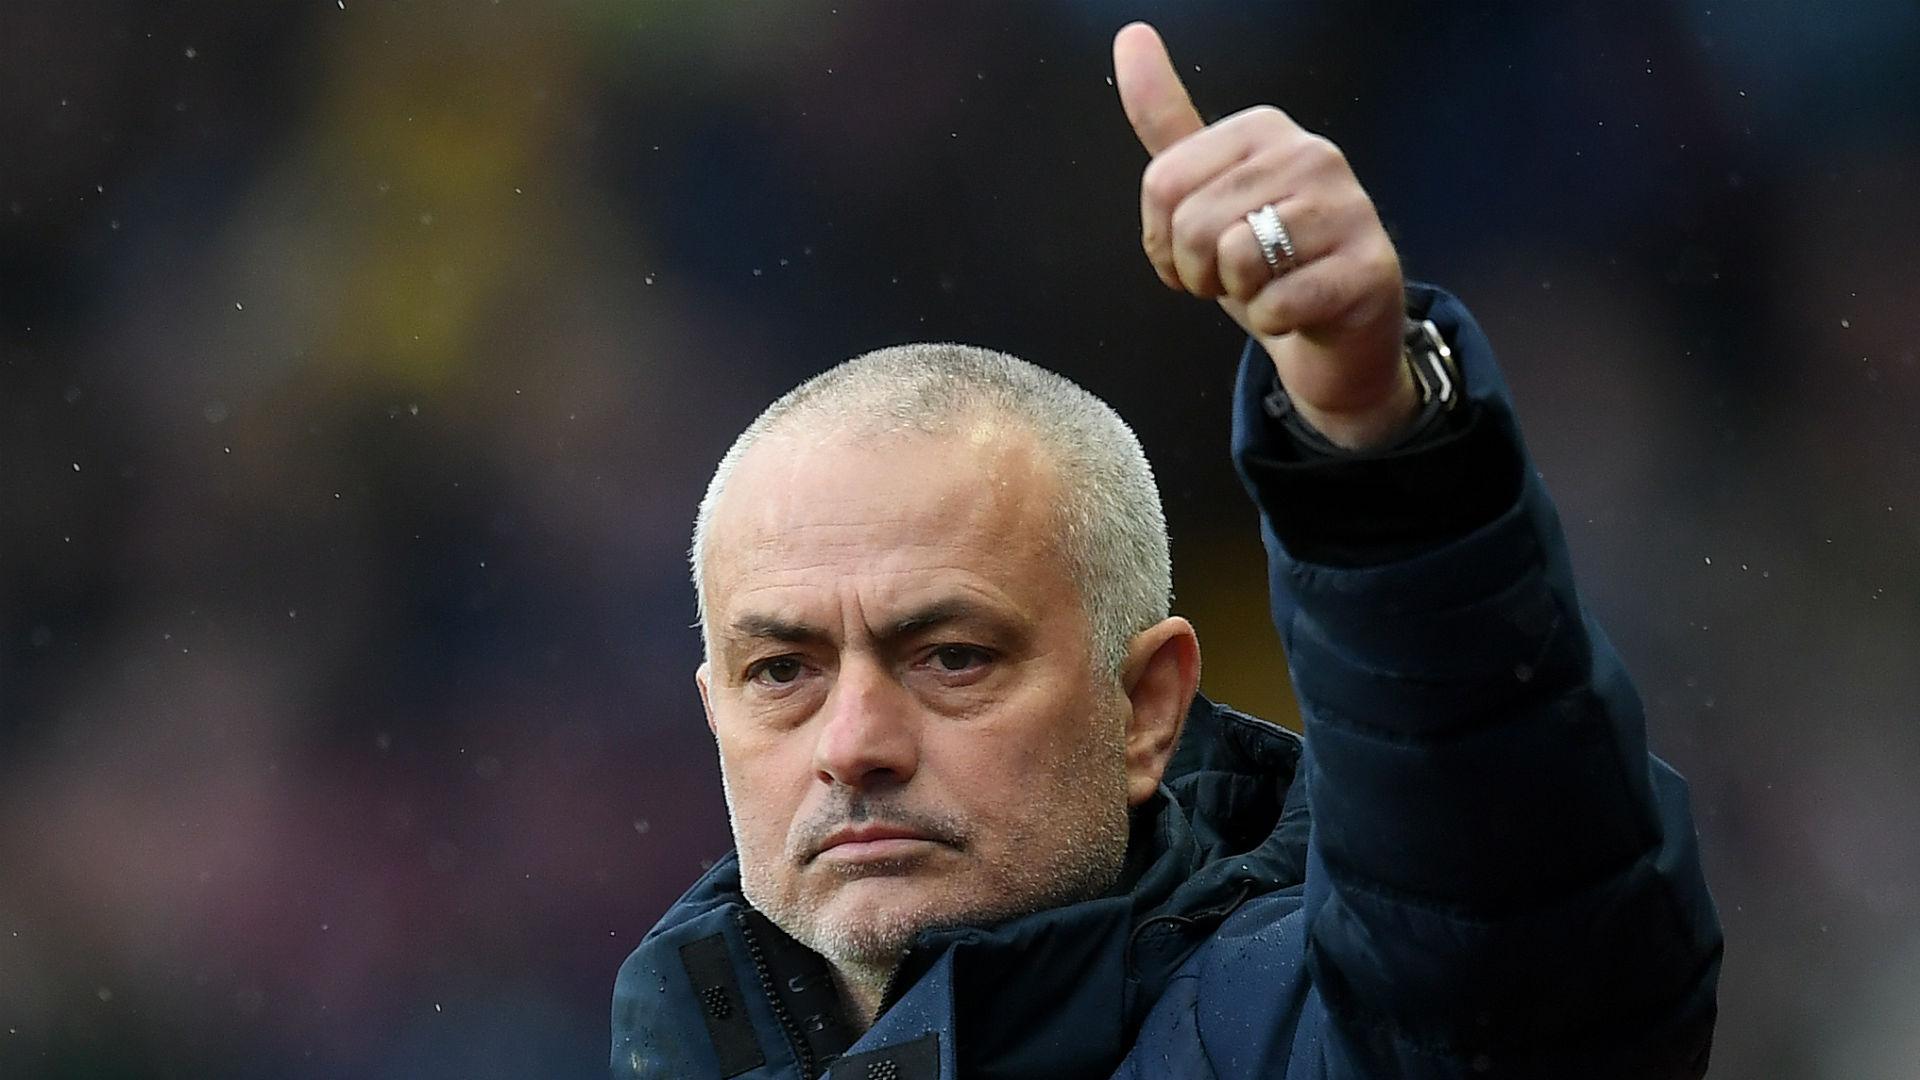 Mourinho quips: Will Man Utd get Man City's 2018 title after FFP breach?